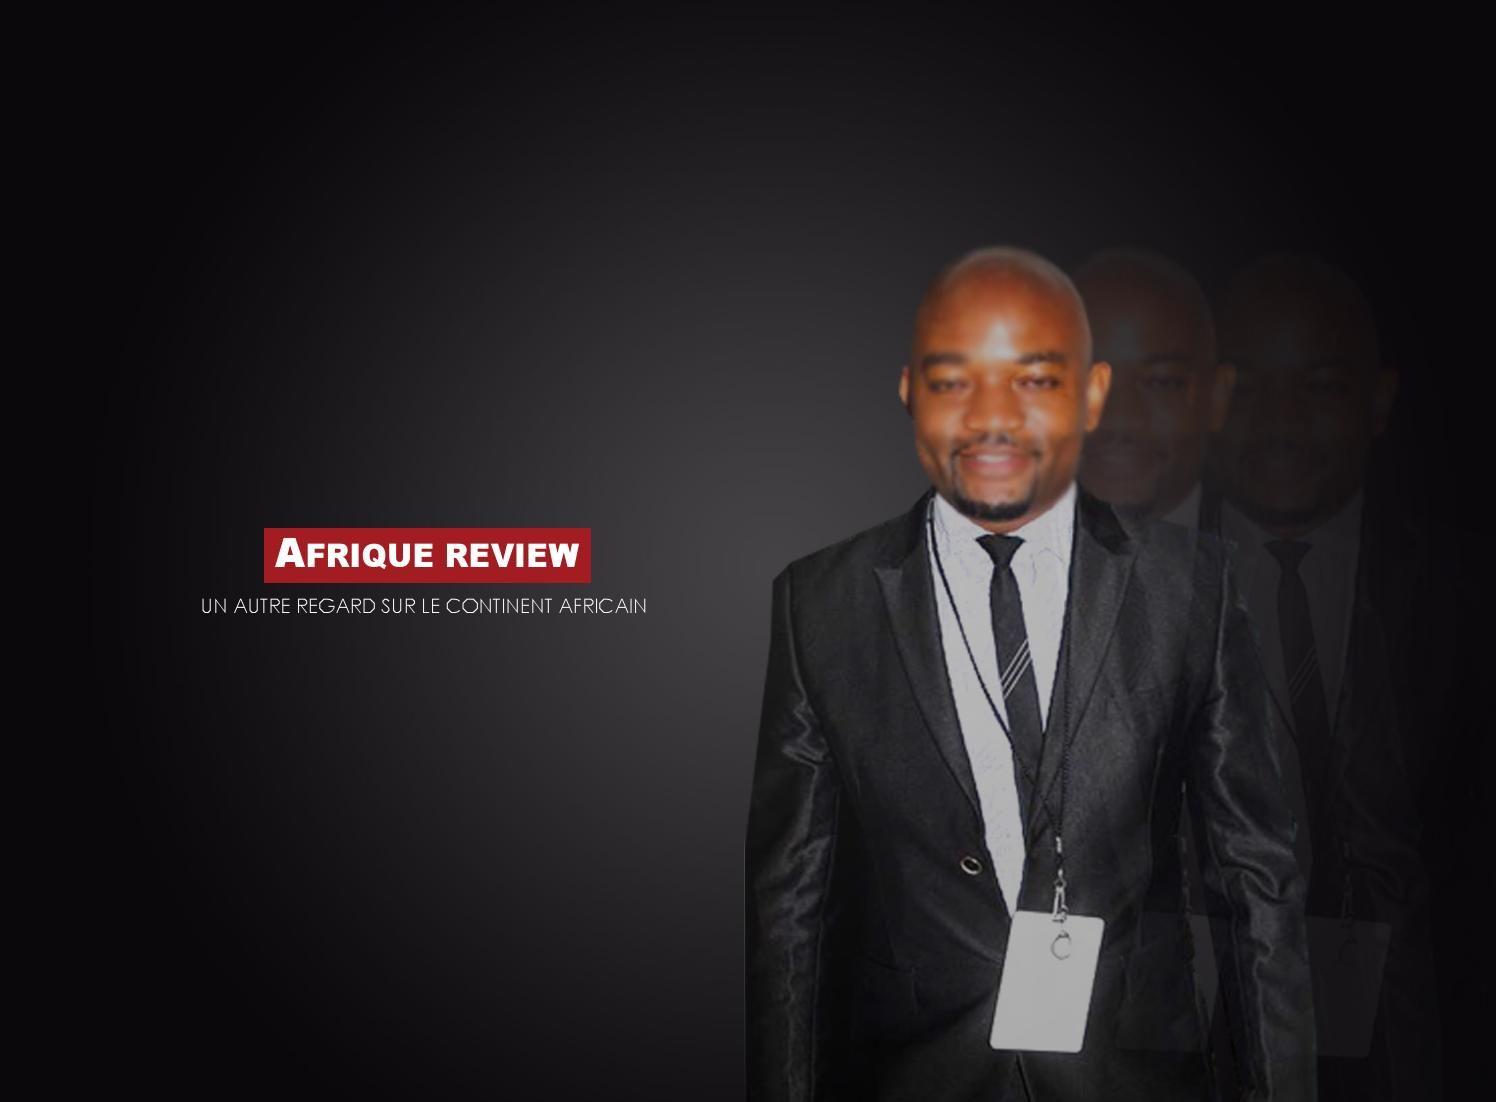 Afrique Review Plaquette